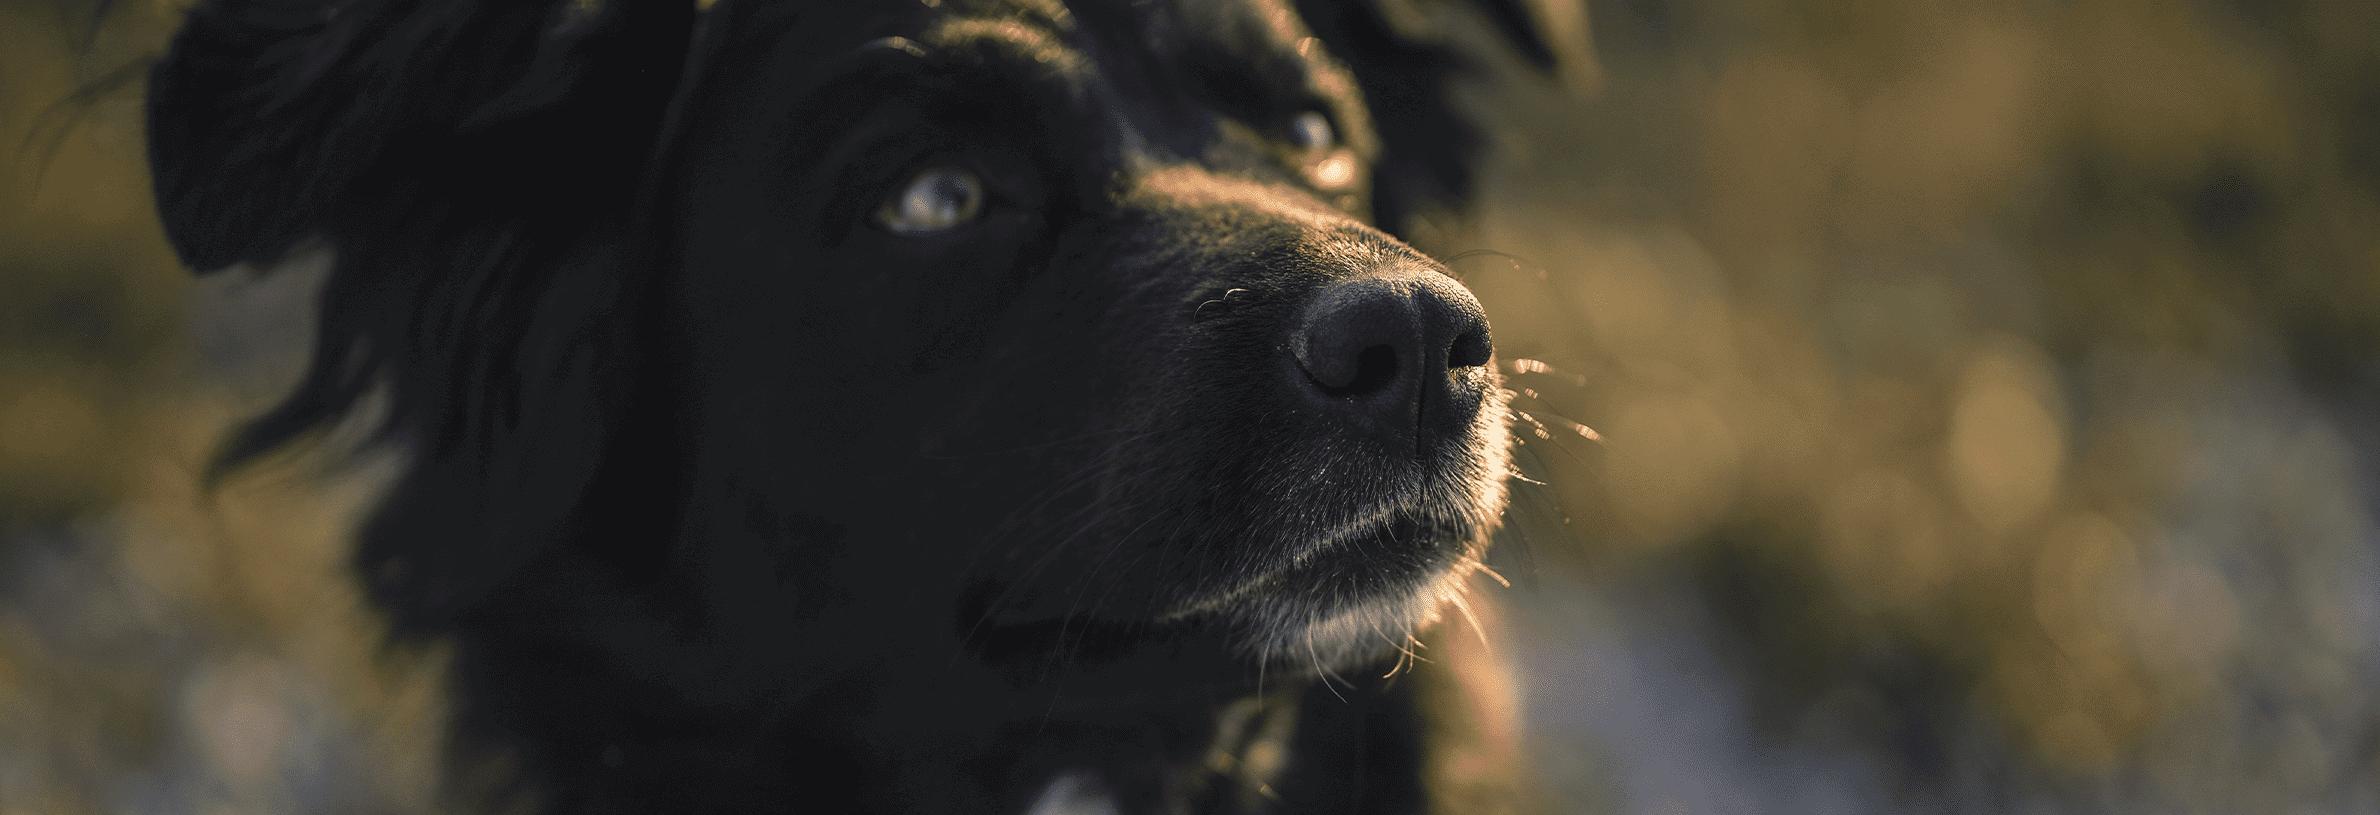 Neusuitvloeiing hond